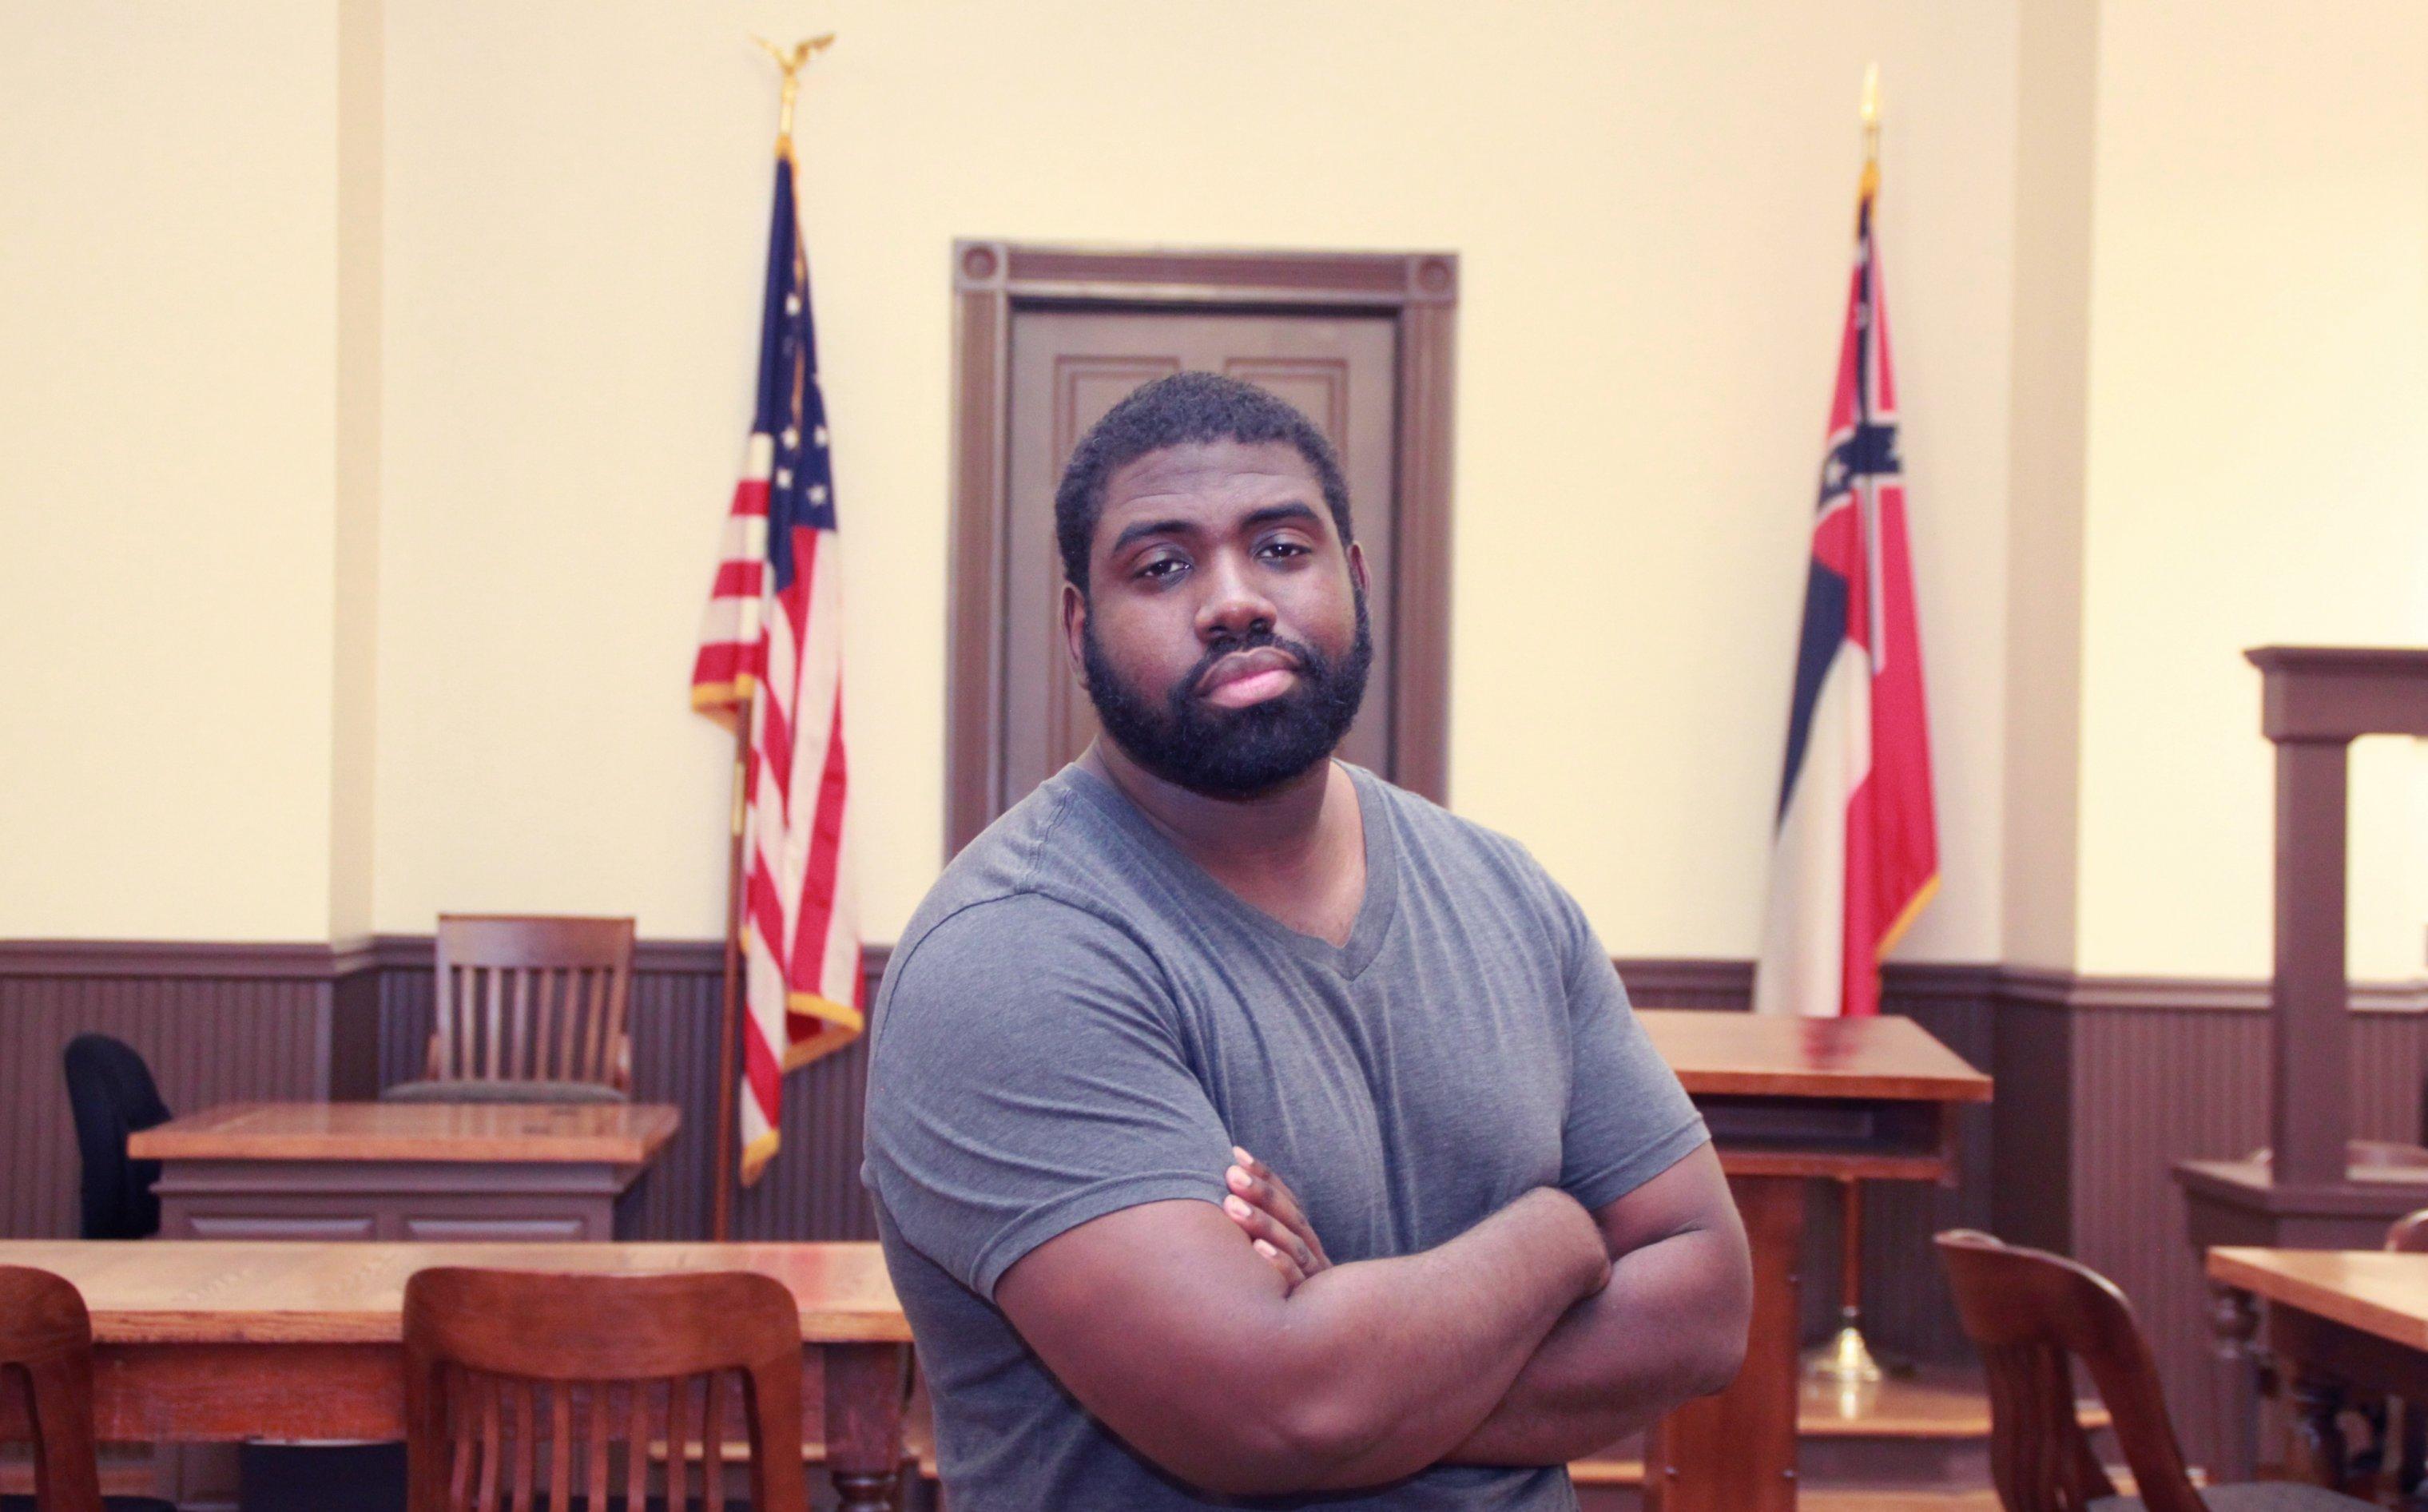 Ein dunkelhäutiger Mann steht mit verschränkten Armen in einem Gerichtssaal.